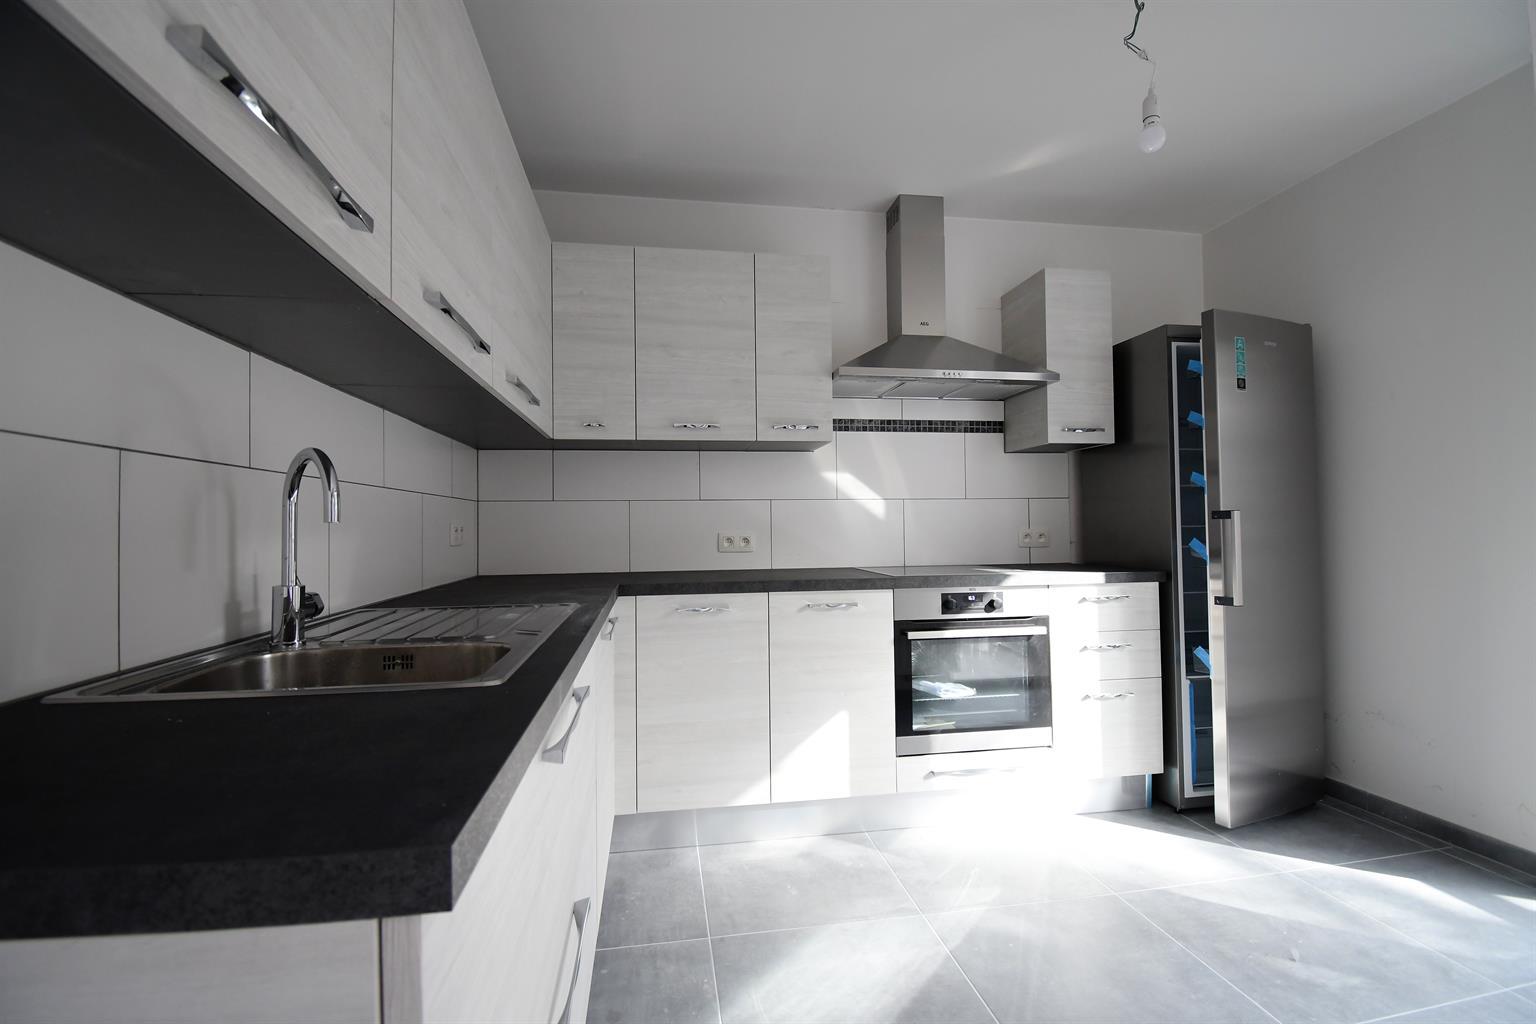 Appartement - Woluwe-Saint-Pierre - #4368821-7